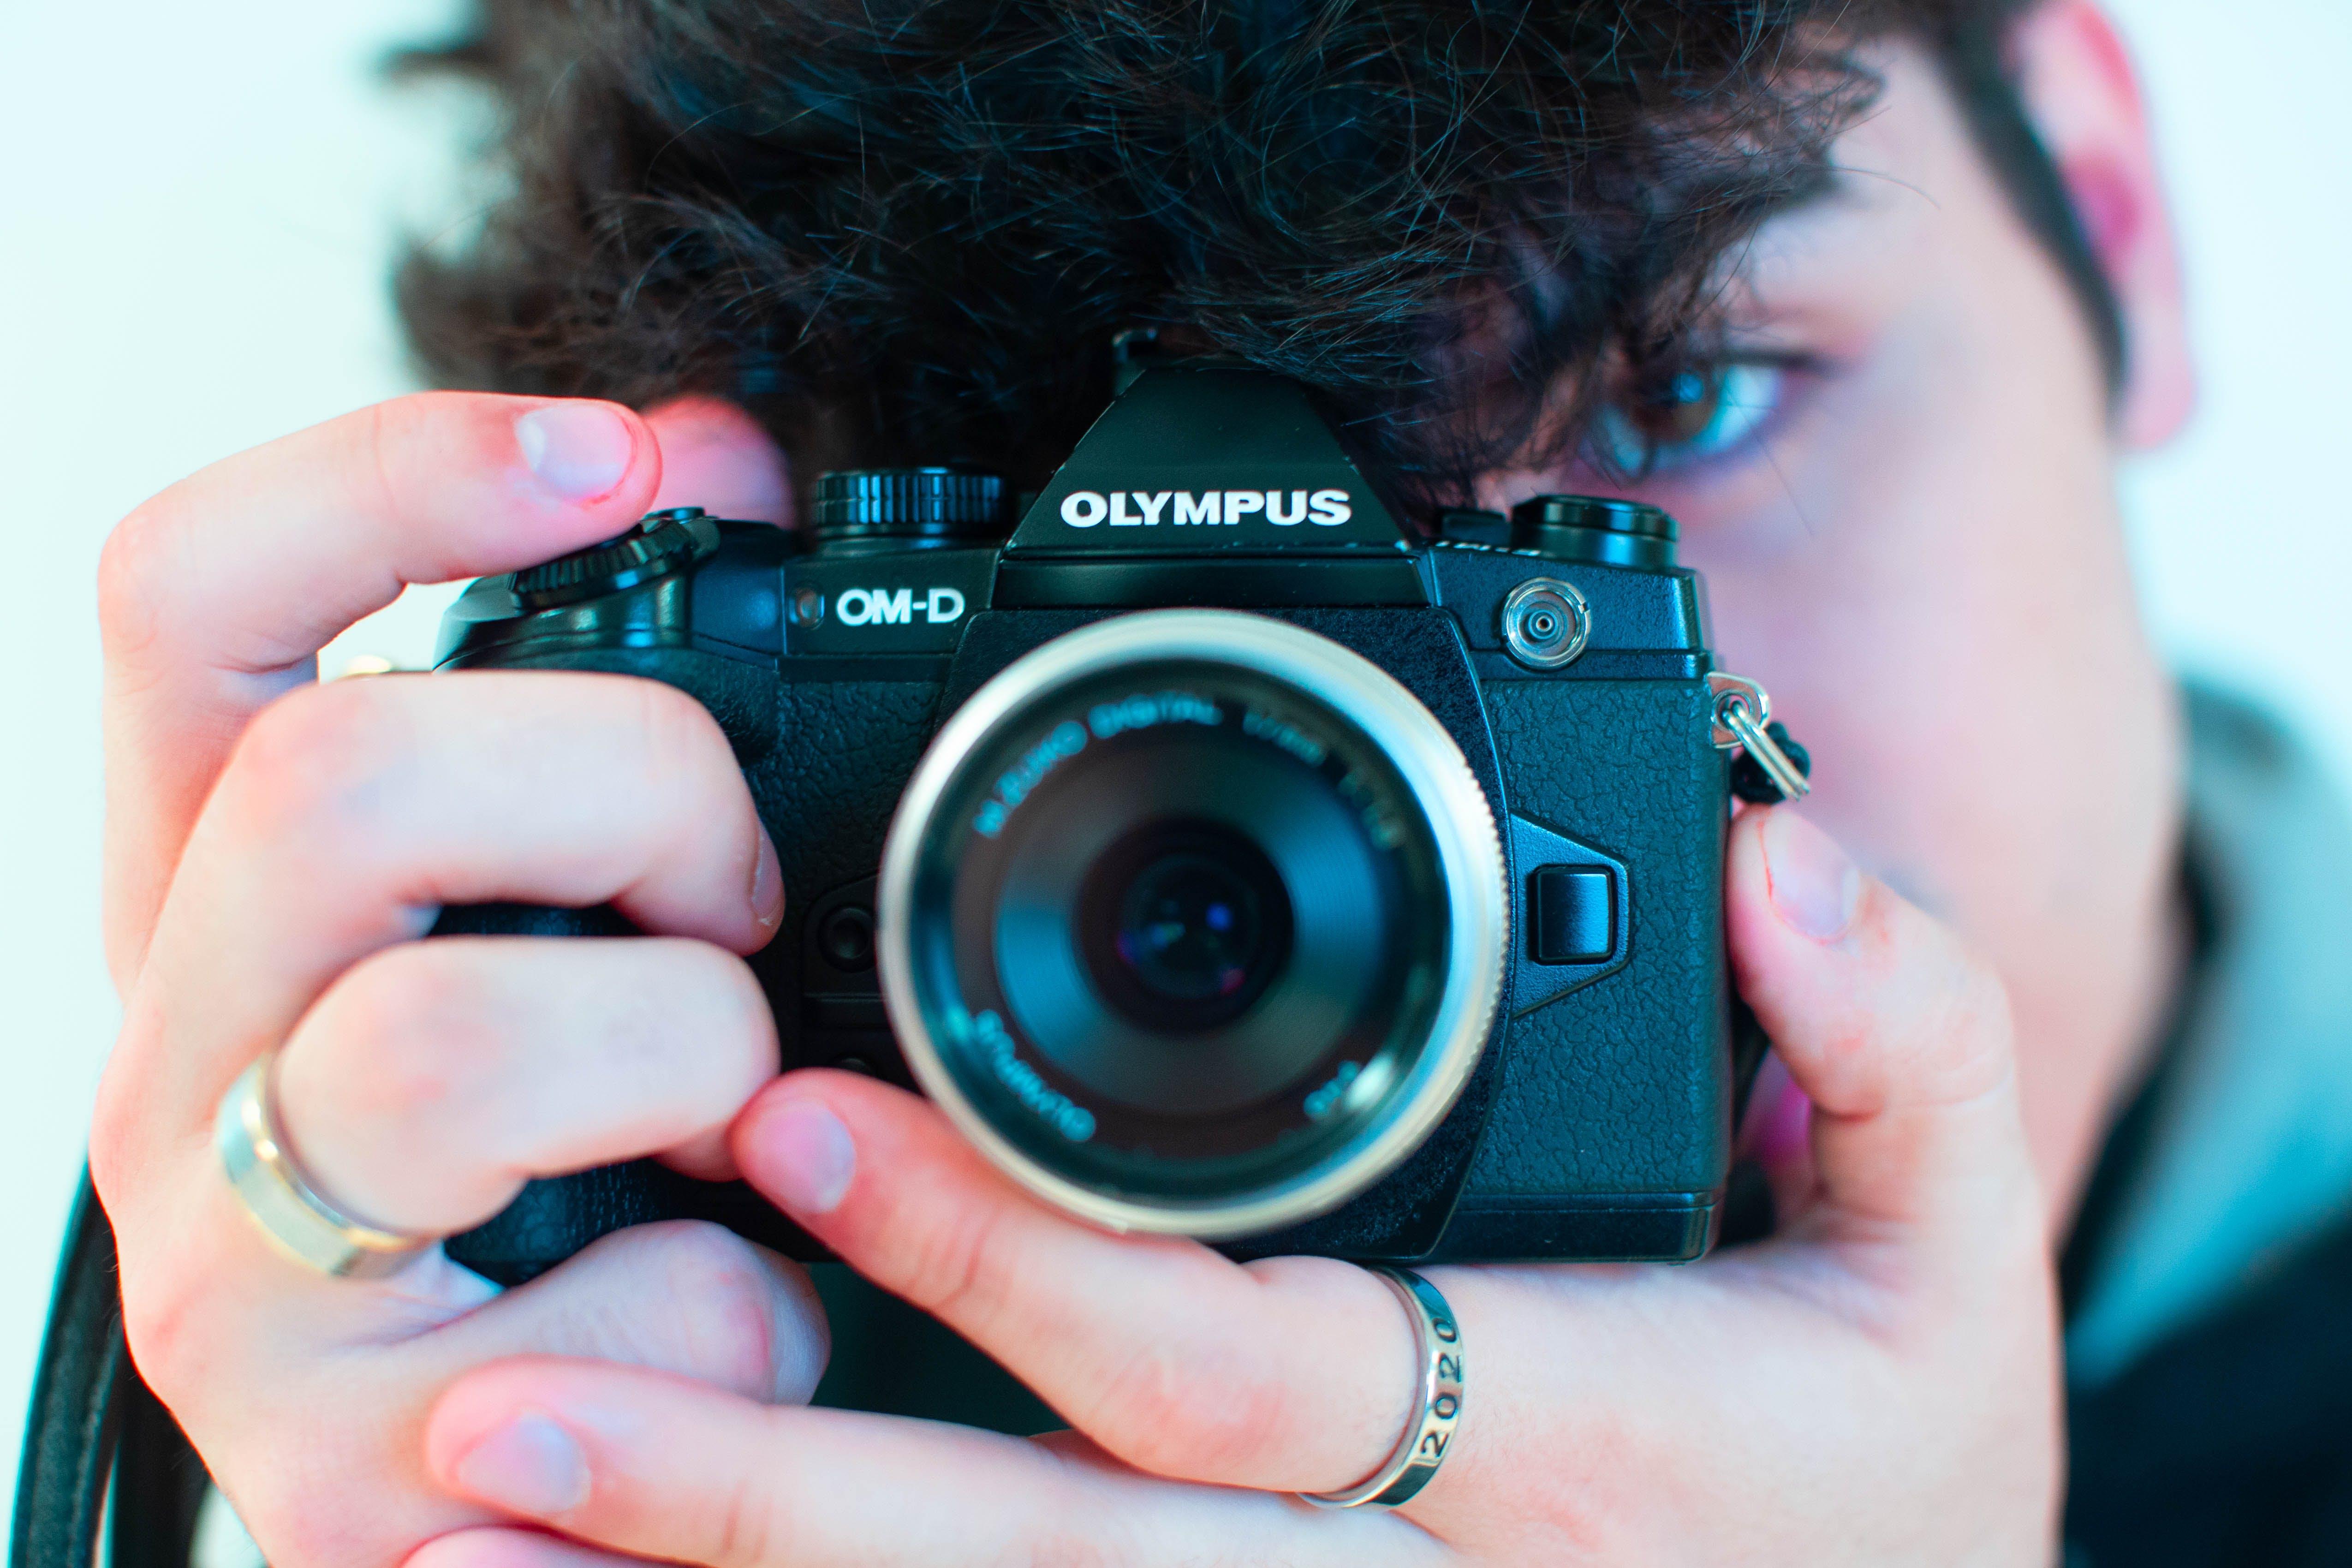 Immagine gratuita di fotocamera, fotografia, fotografo, mirrorless